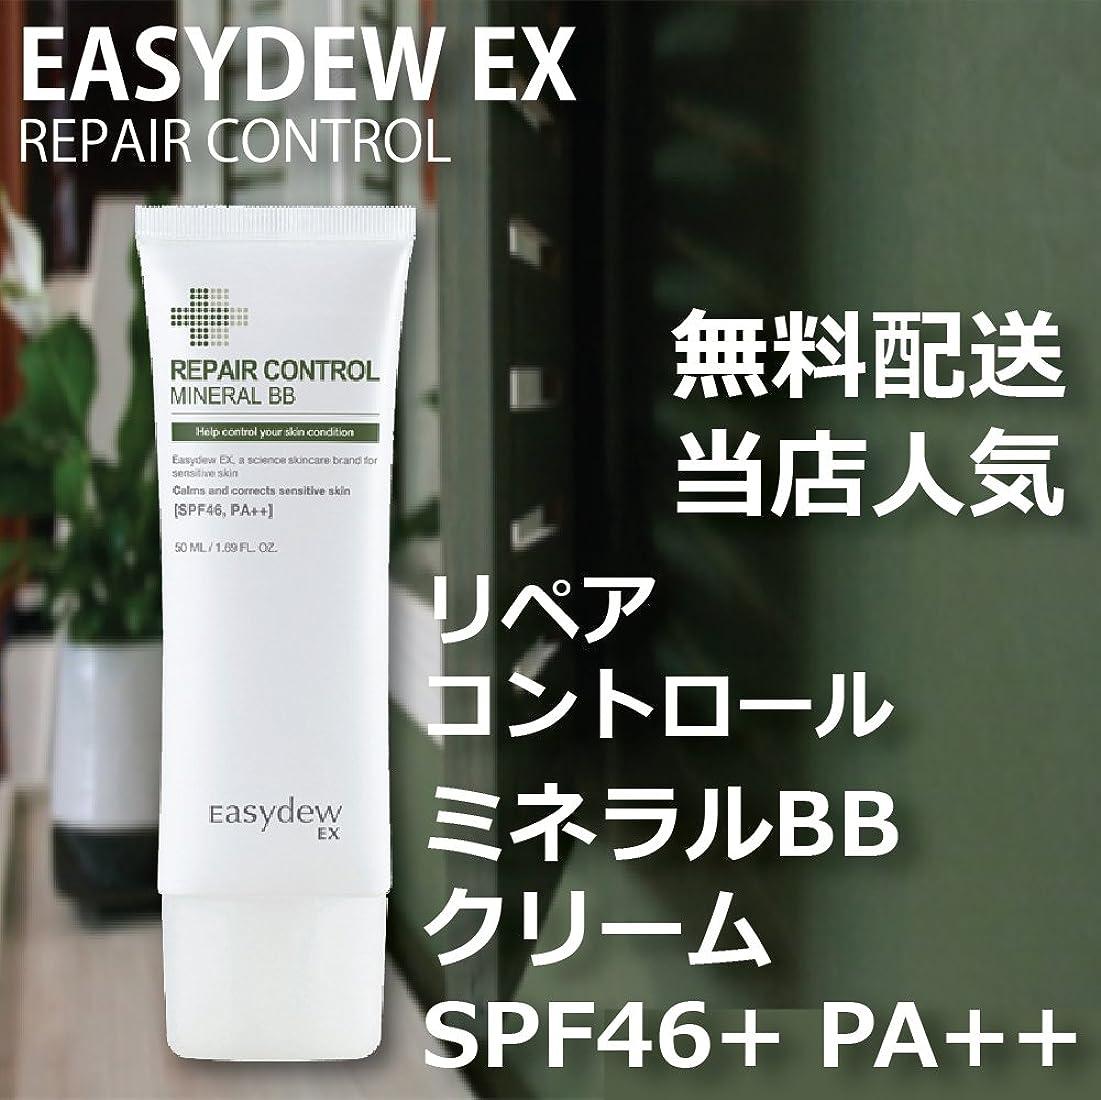 パール休眠魅力EASY DEW EX ミネラル BBクリーム SPF46+ PA++ 50ml MINRAL BB CREAM 韓国 人気 コスメ イージーデュー 敏感 乾燥 美白 しわ 3重機能性